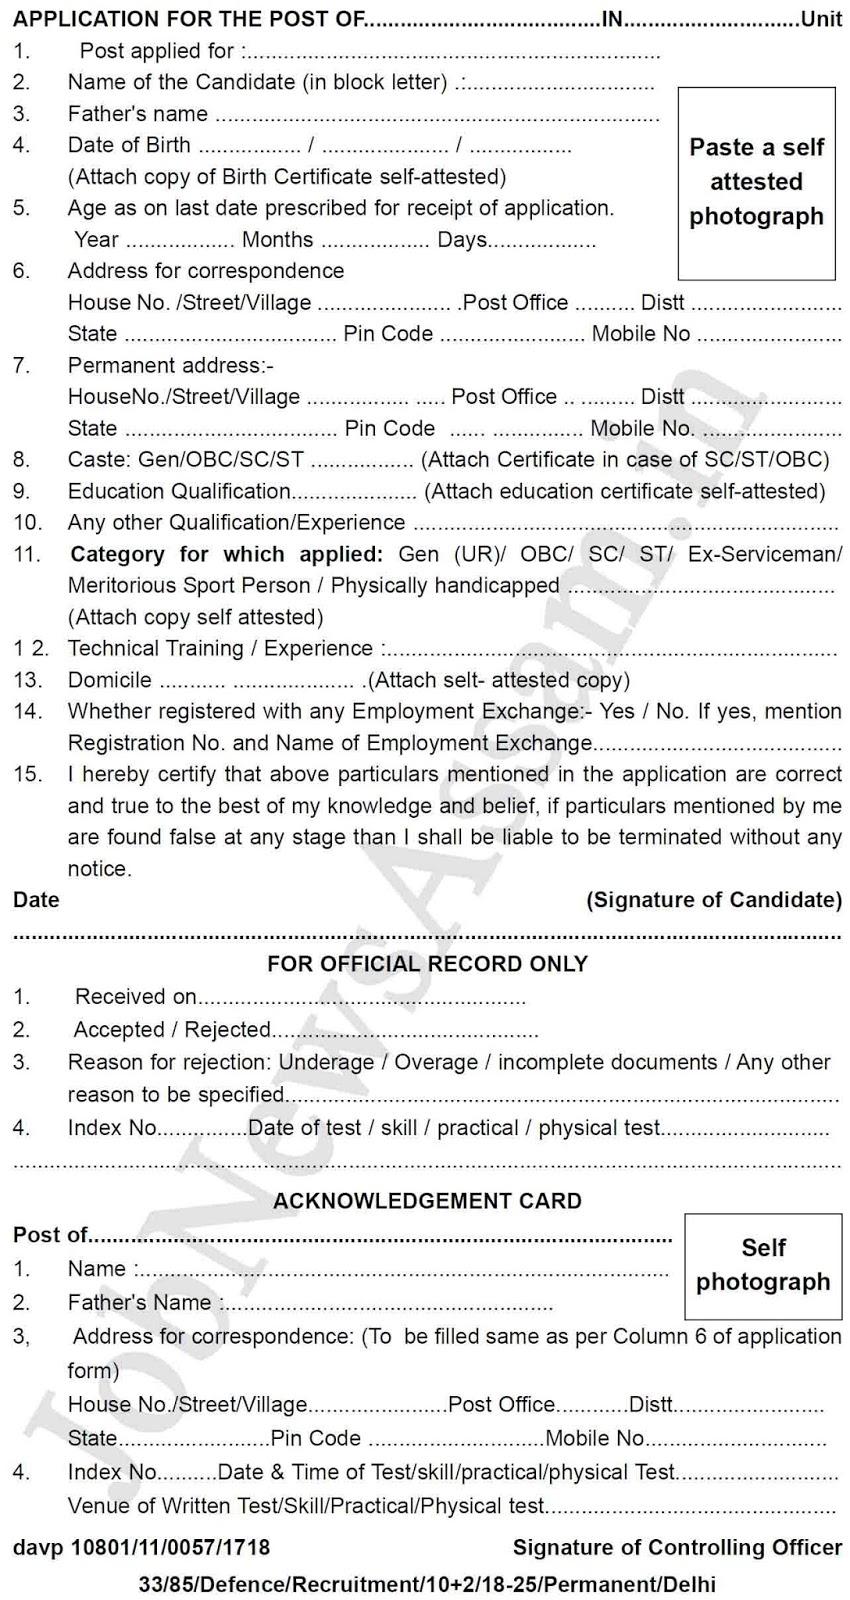 Job News Assam- Assam Jobs, Jobs in Guwahati, Govt. Jobs Assam and ...